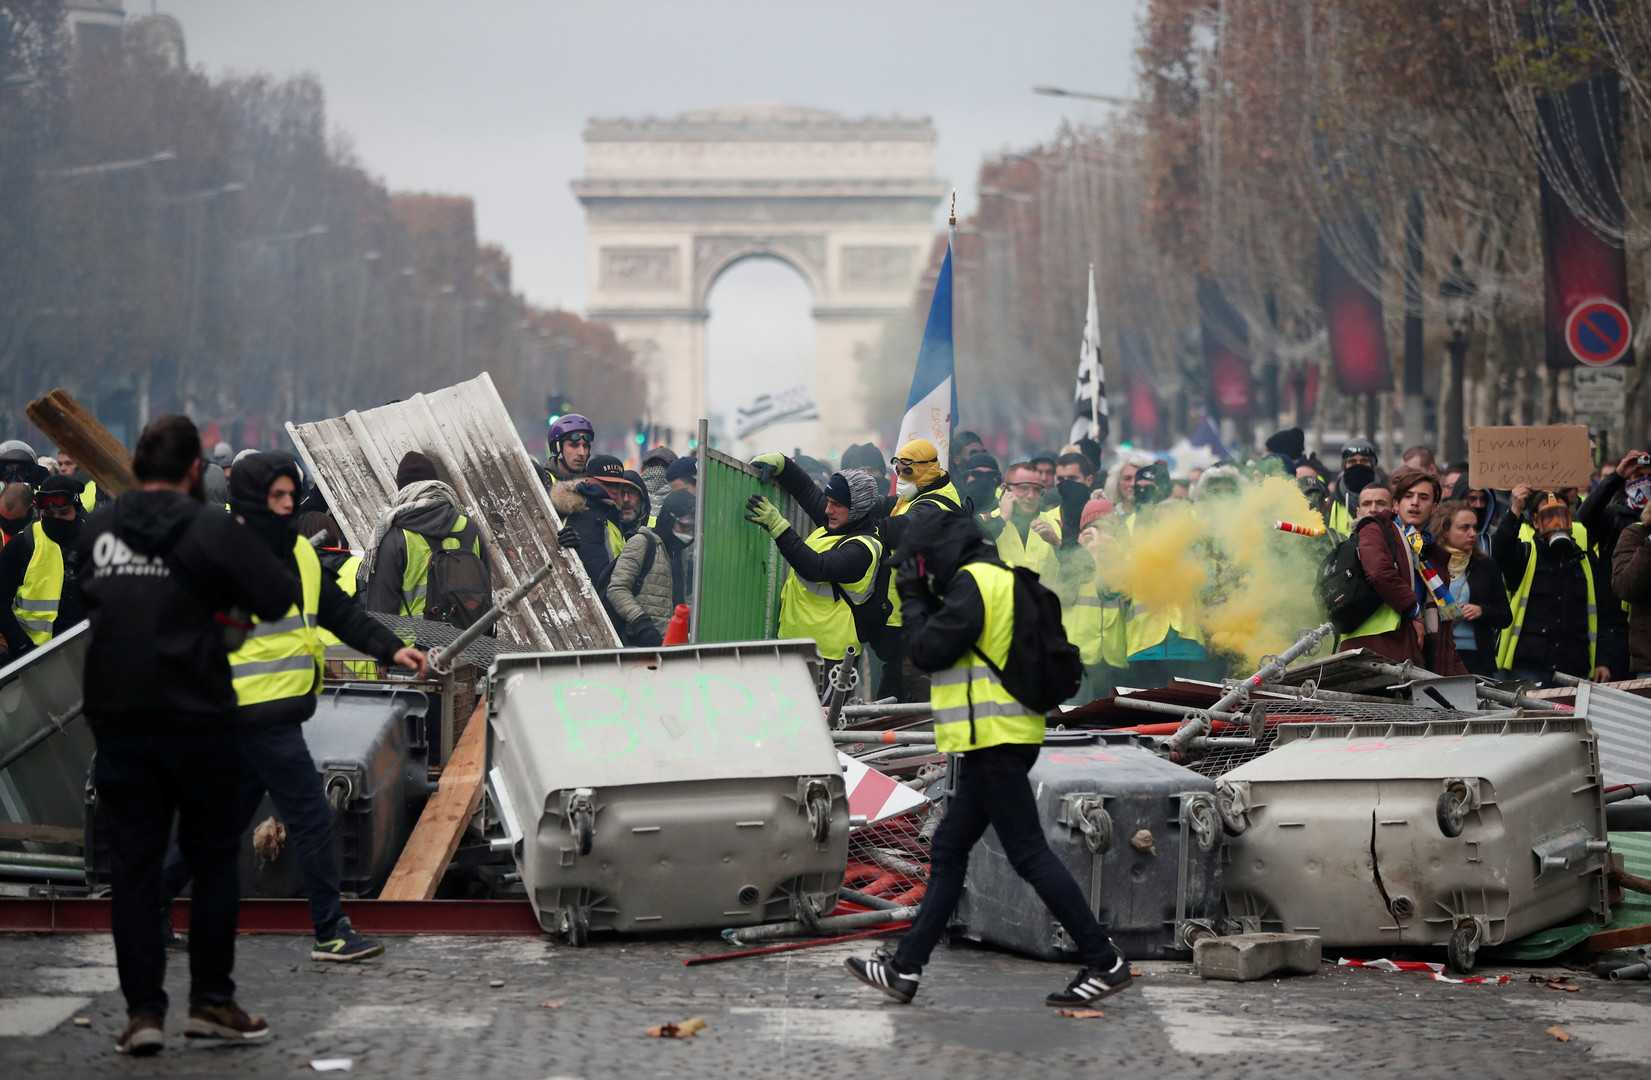 Ausschreitungen bei Protesten der Gelbwesten in Paris: RT-Reporterin verletzt (Bilder)